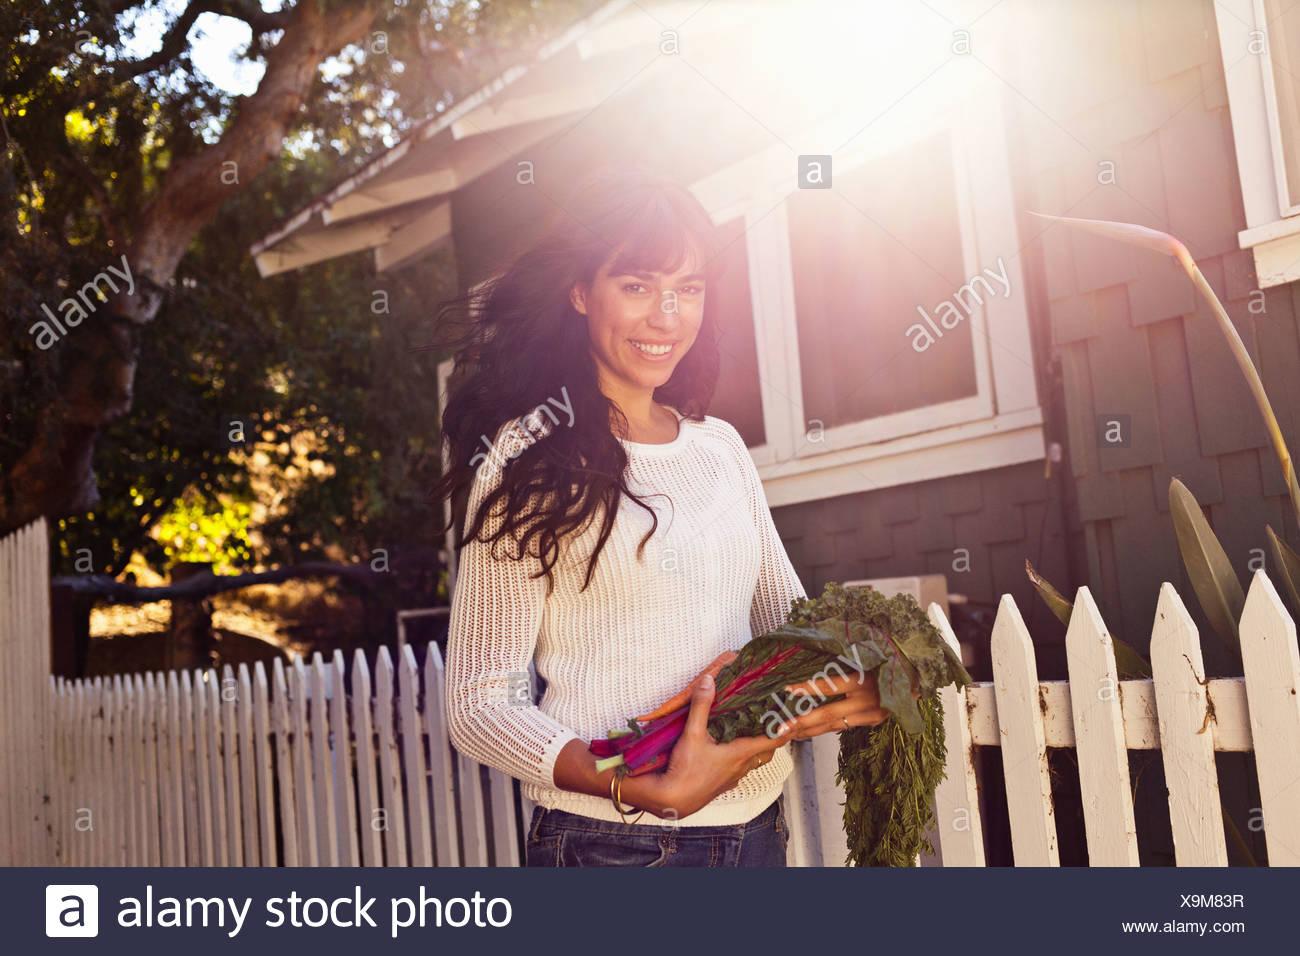 Porträt der jungen Frau hält einheimische Gemüse Stockbild